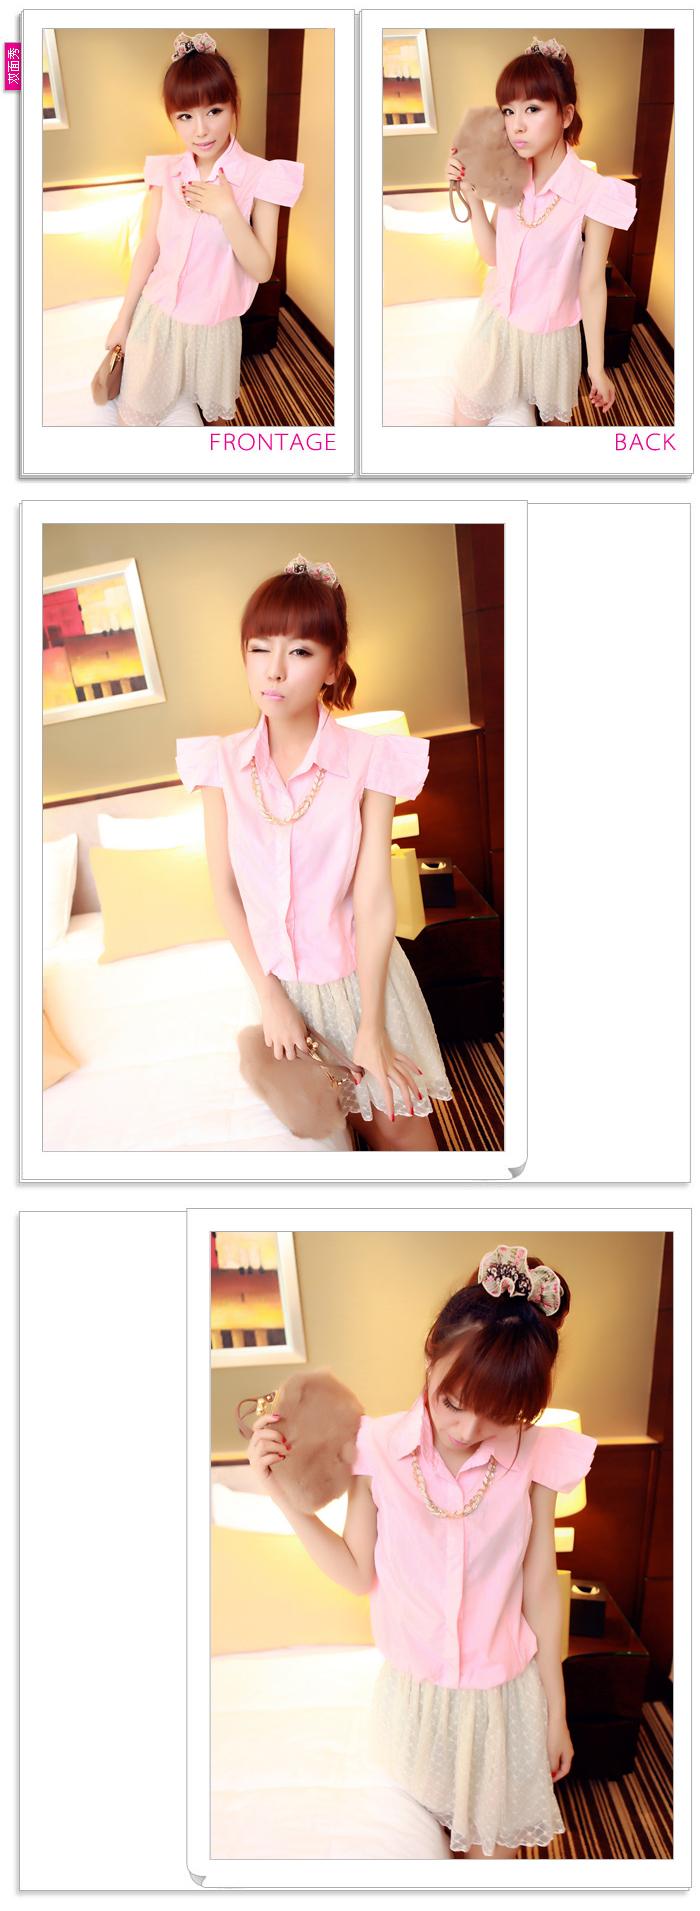 เสื้อเชิ้ตเกาหลี เก๋ด้วยดีไซน์แขนเสื้อ พิเศษ มาพร้อมกับสร้อยคอประดับ